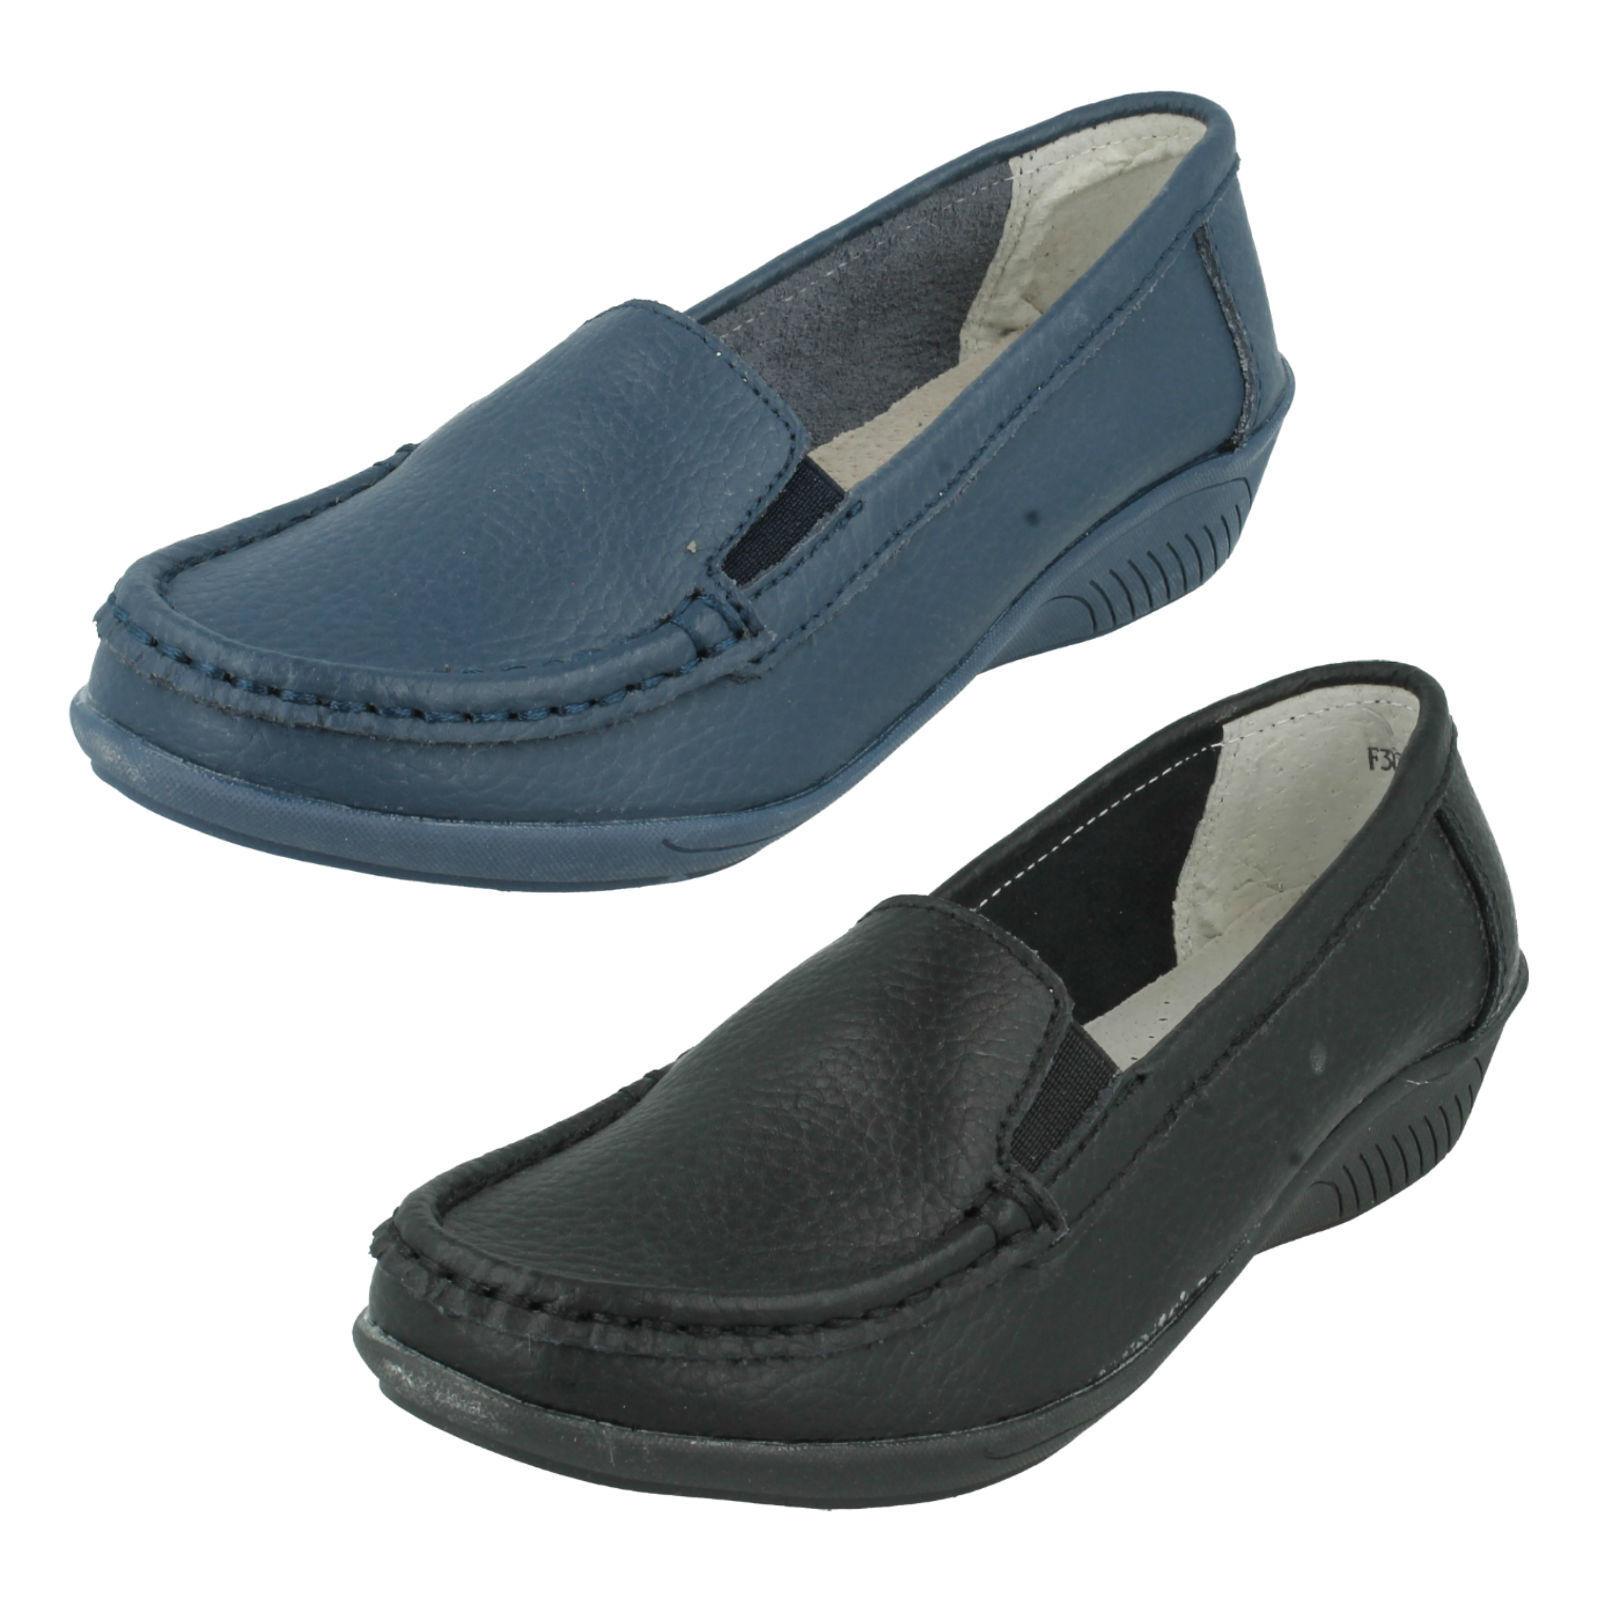 las señoras Eaze Cuña Baja Lona Doble Sin Cordones Cordones Cordones Piel lisa negro y azul marino 809820